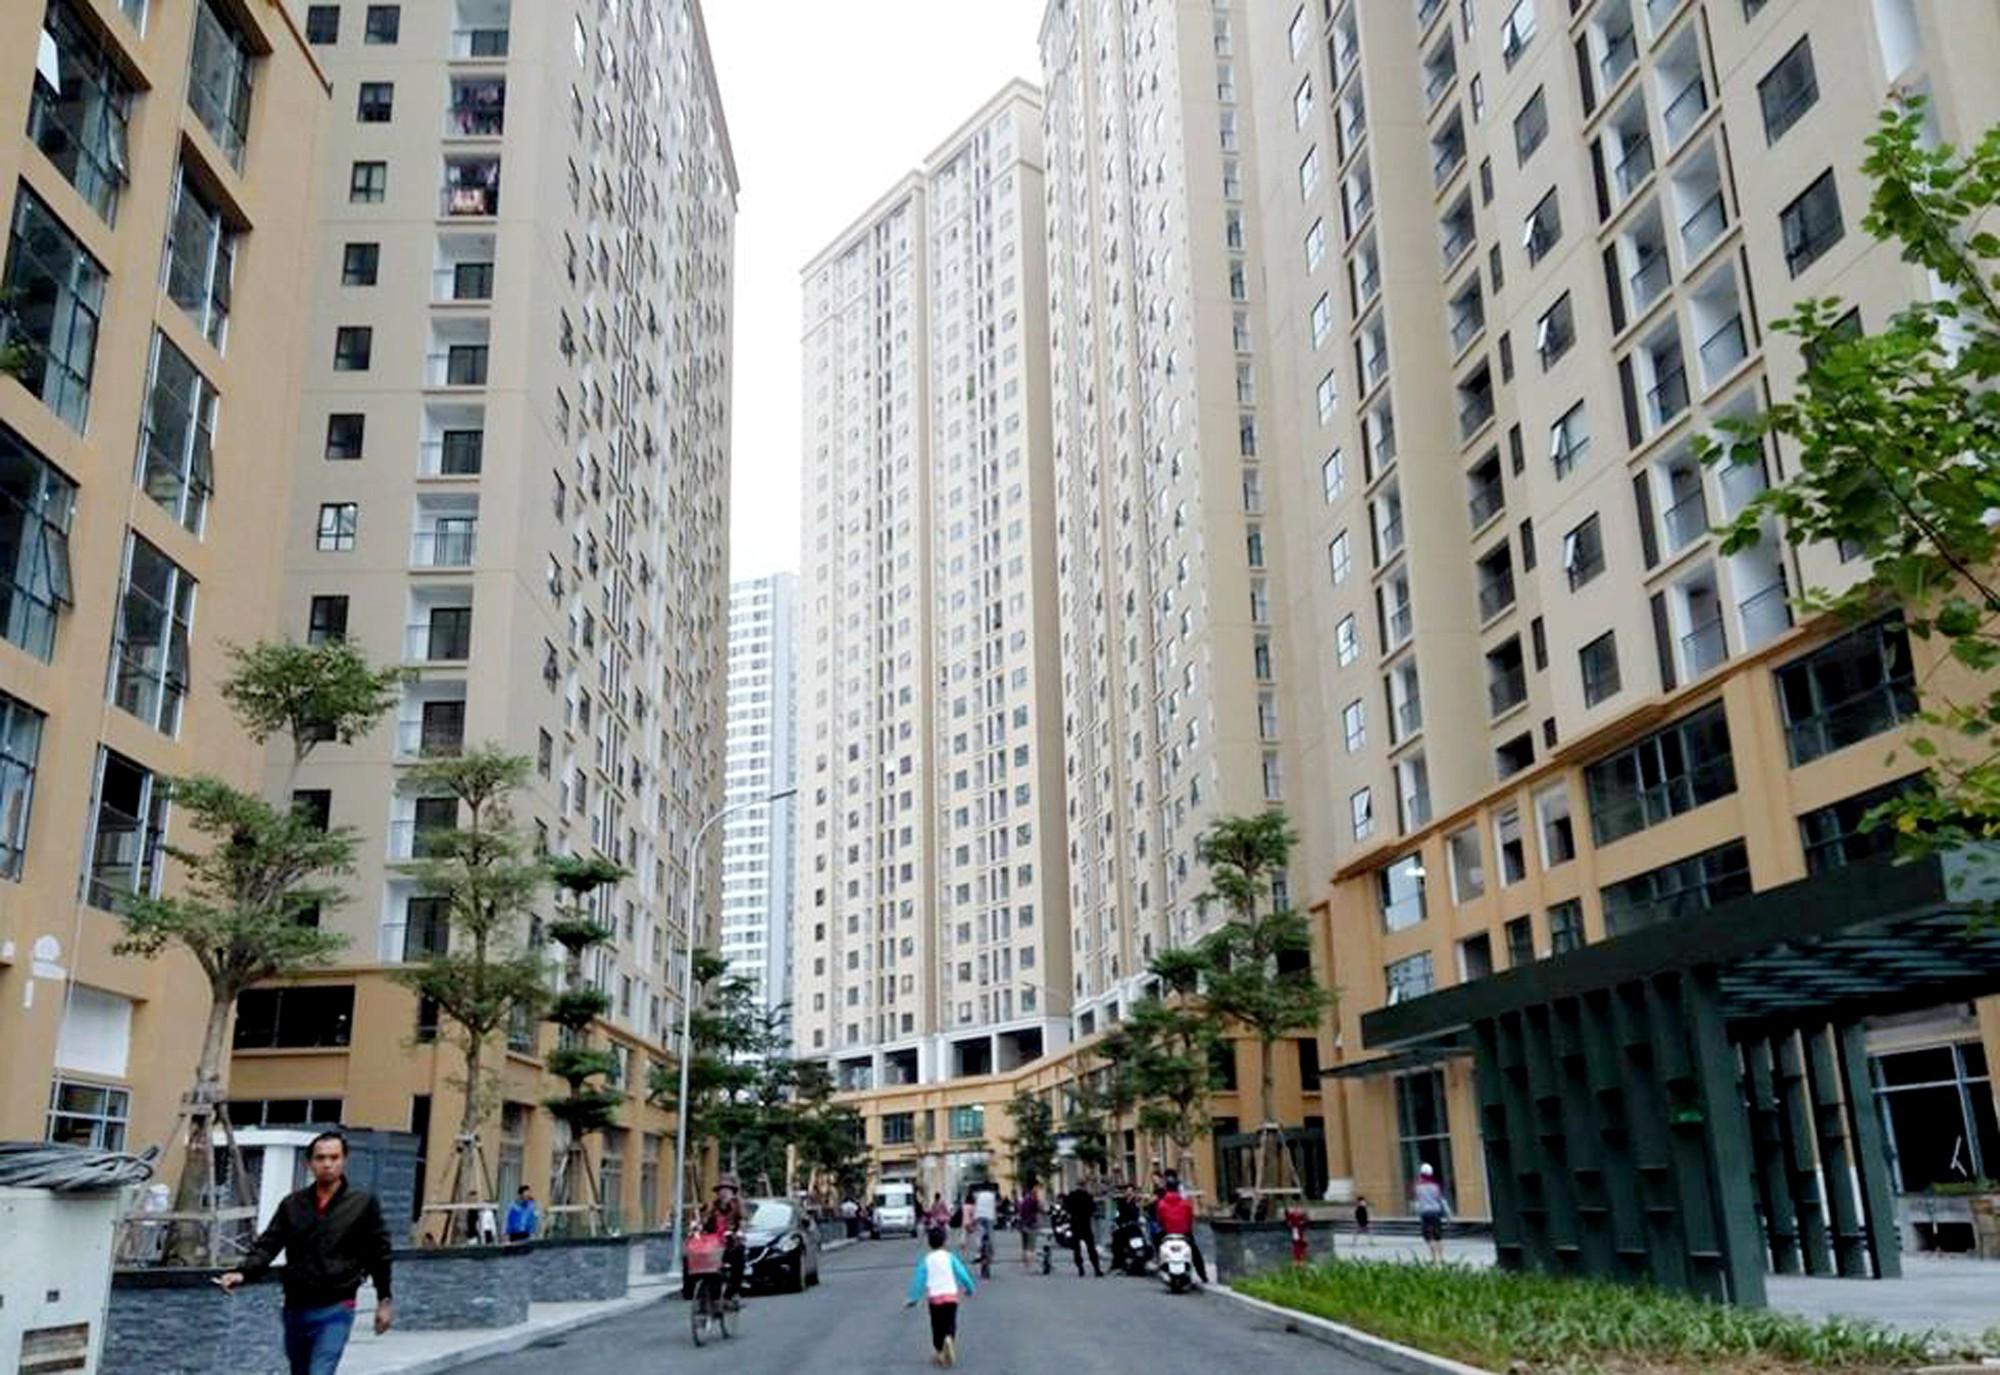 Chung cư New Horizon City (Hà Nội): Dân phát hoảng vì tiền nước cao bất thường - Ảnh 1.